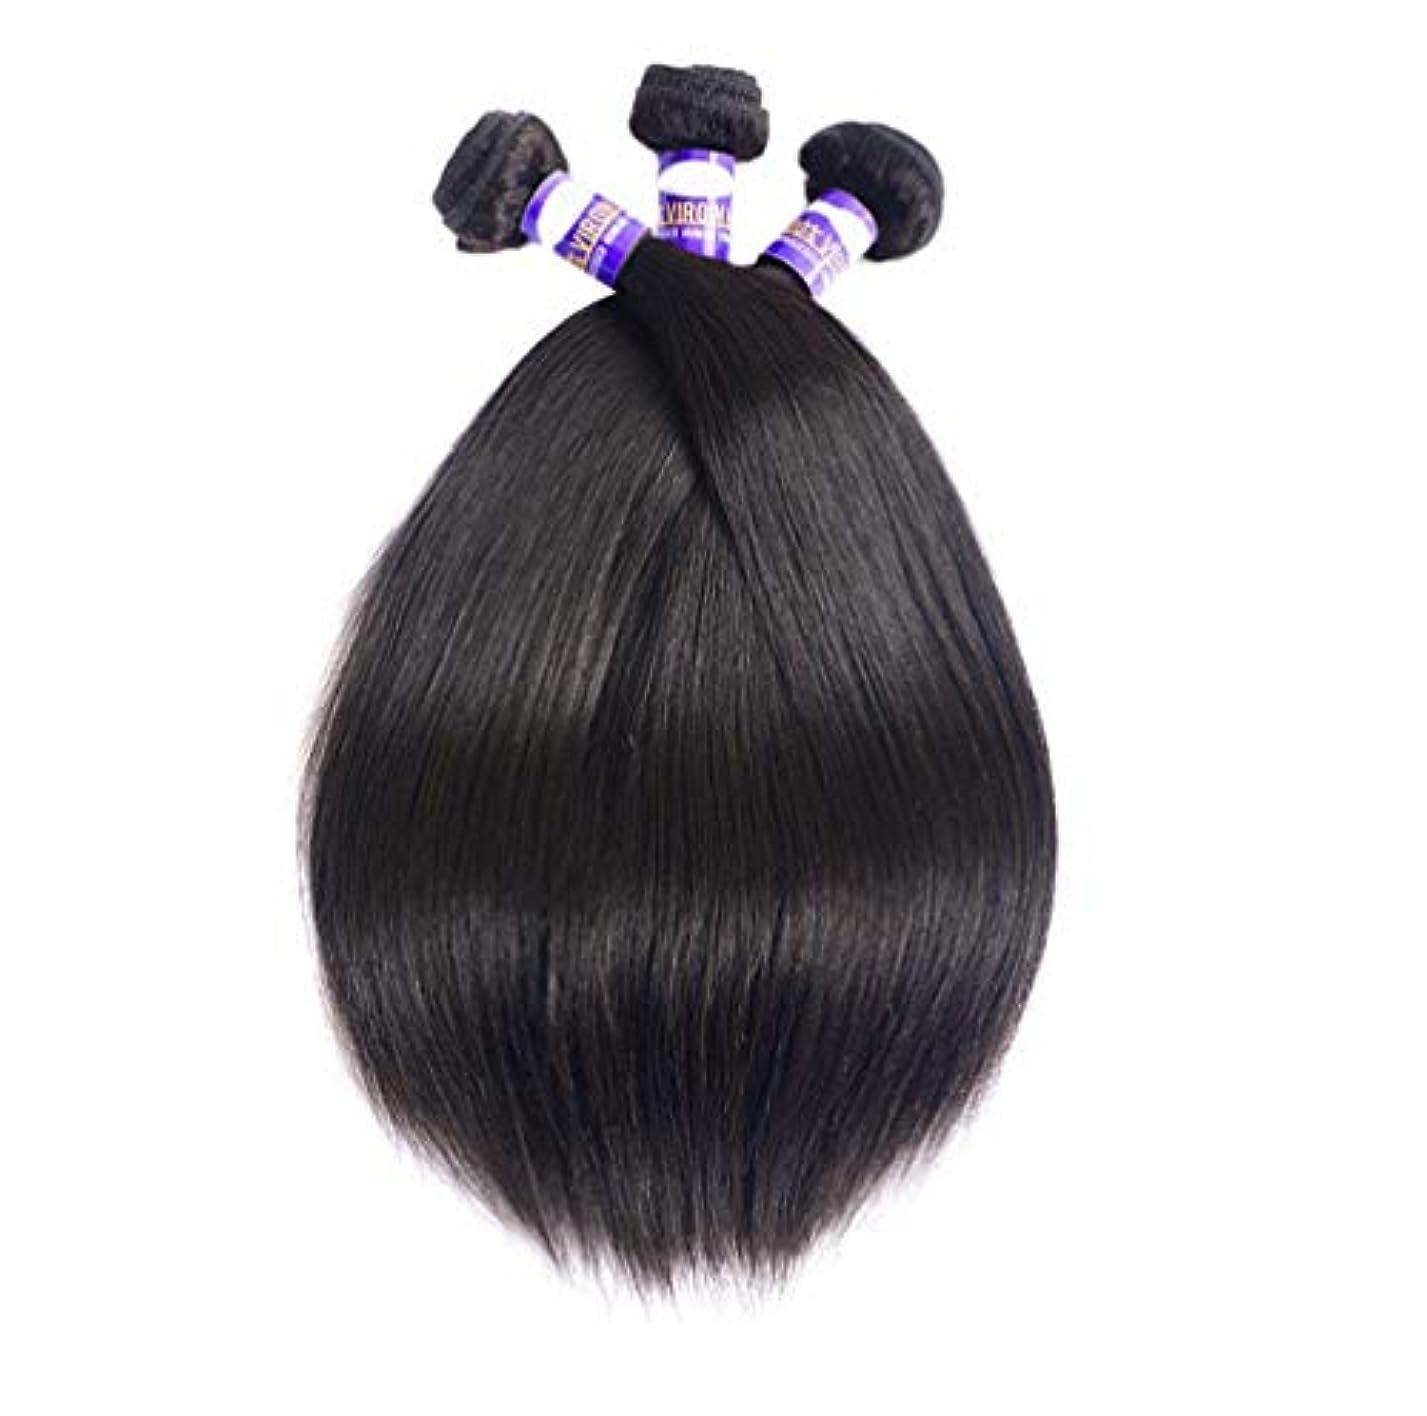 子効率的沼地女性ブラジル髪織り髪束ストレートフリーパーツ未処理ブラジルストレート髪バンドル8Aストレート人間の髪の束(3バンドル)